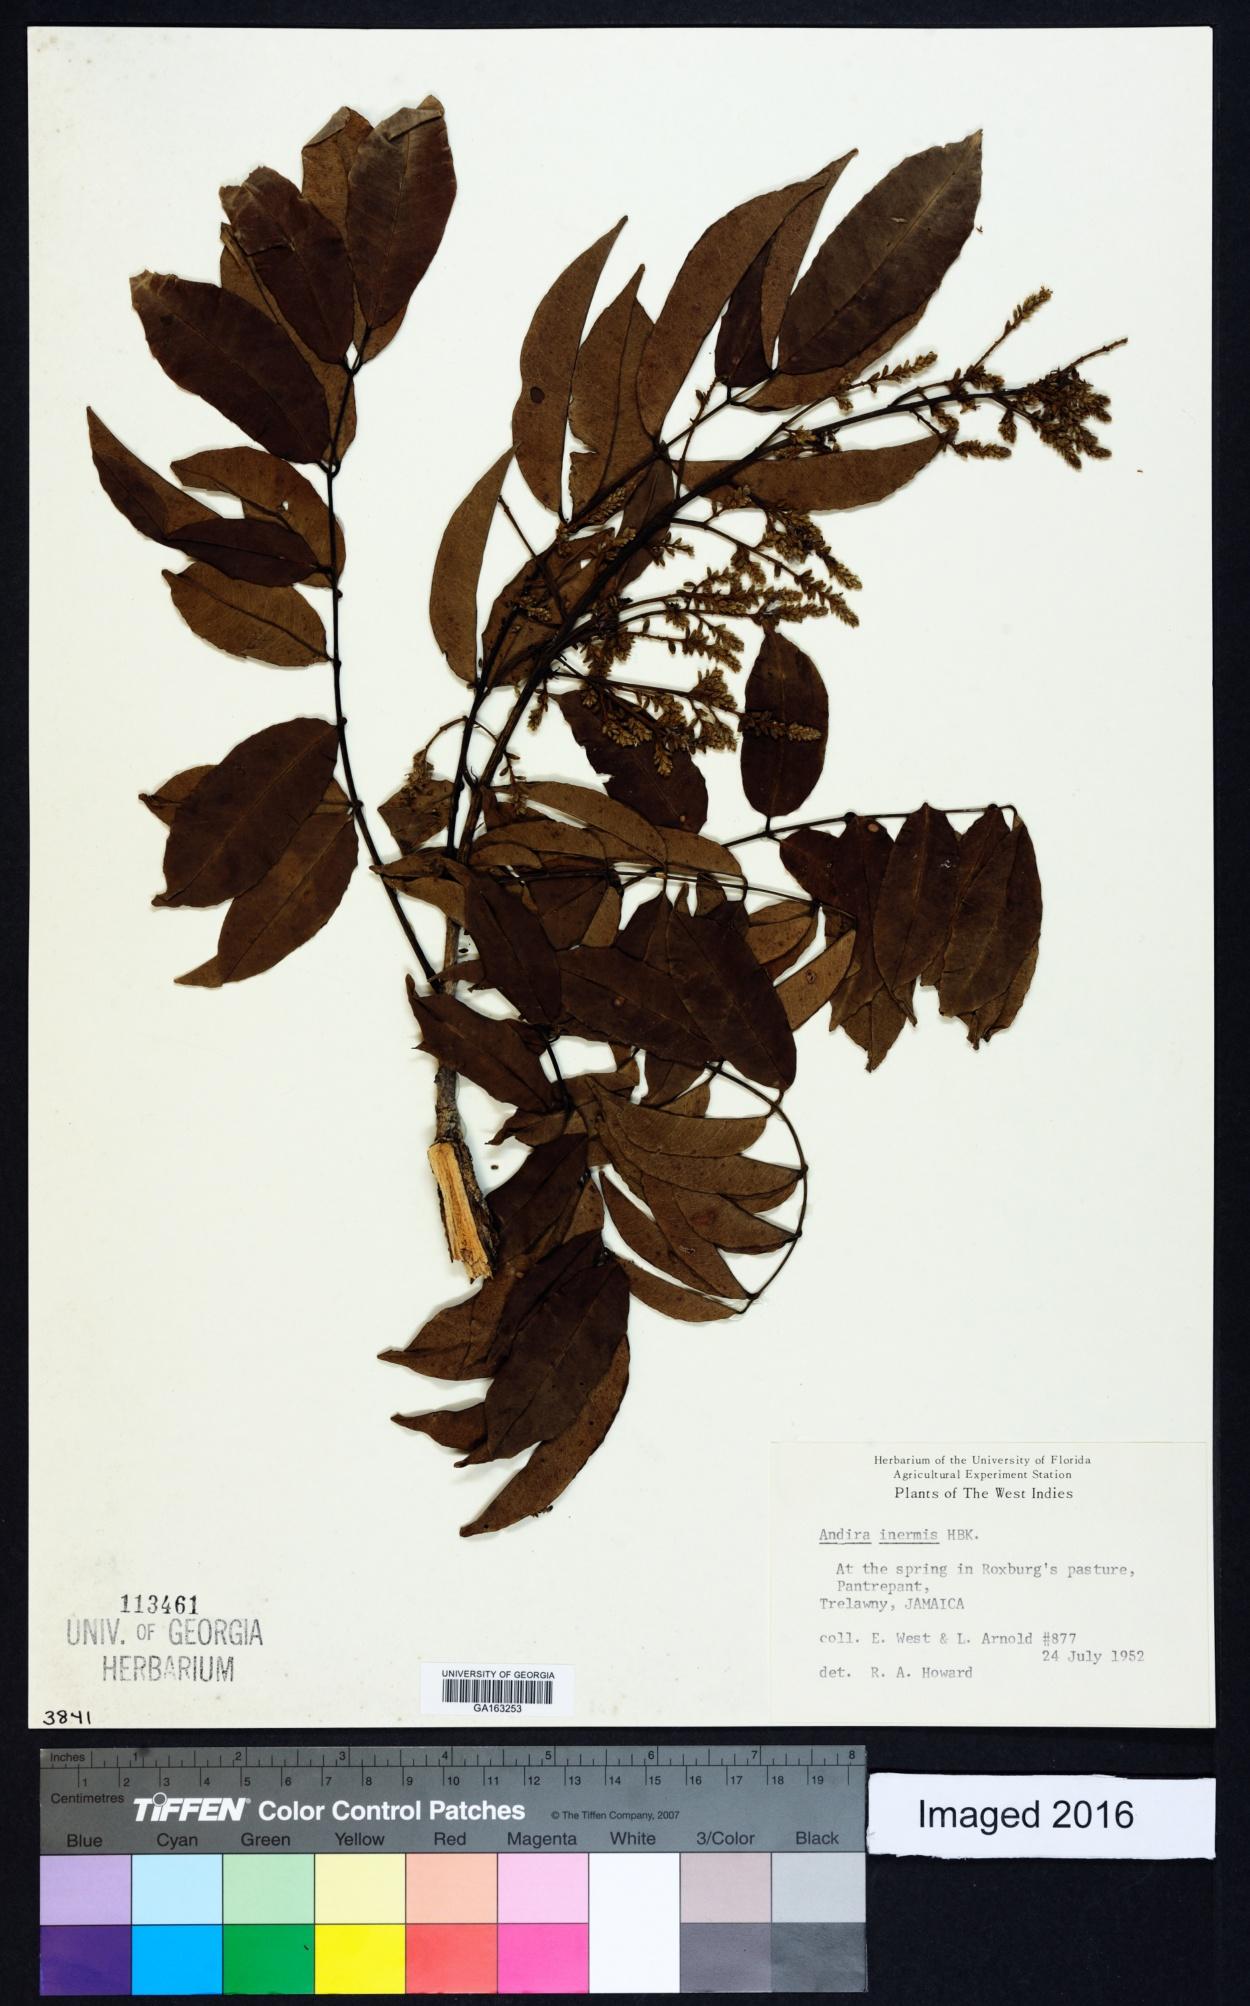 Andira image